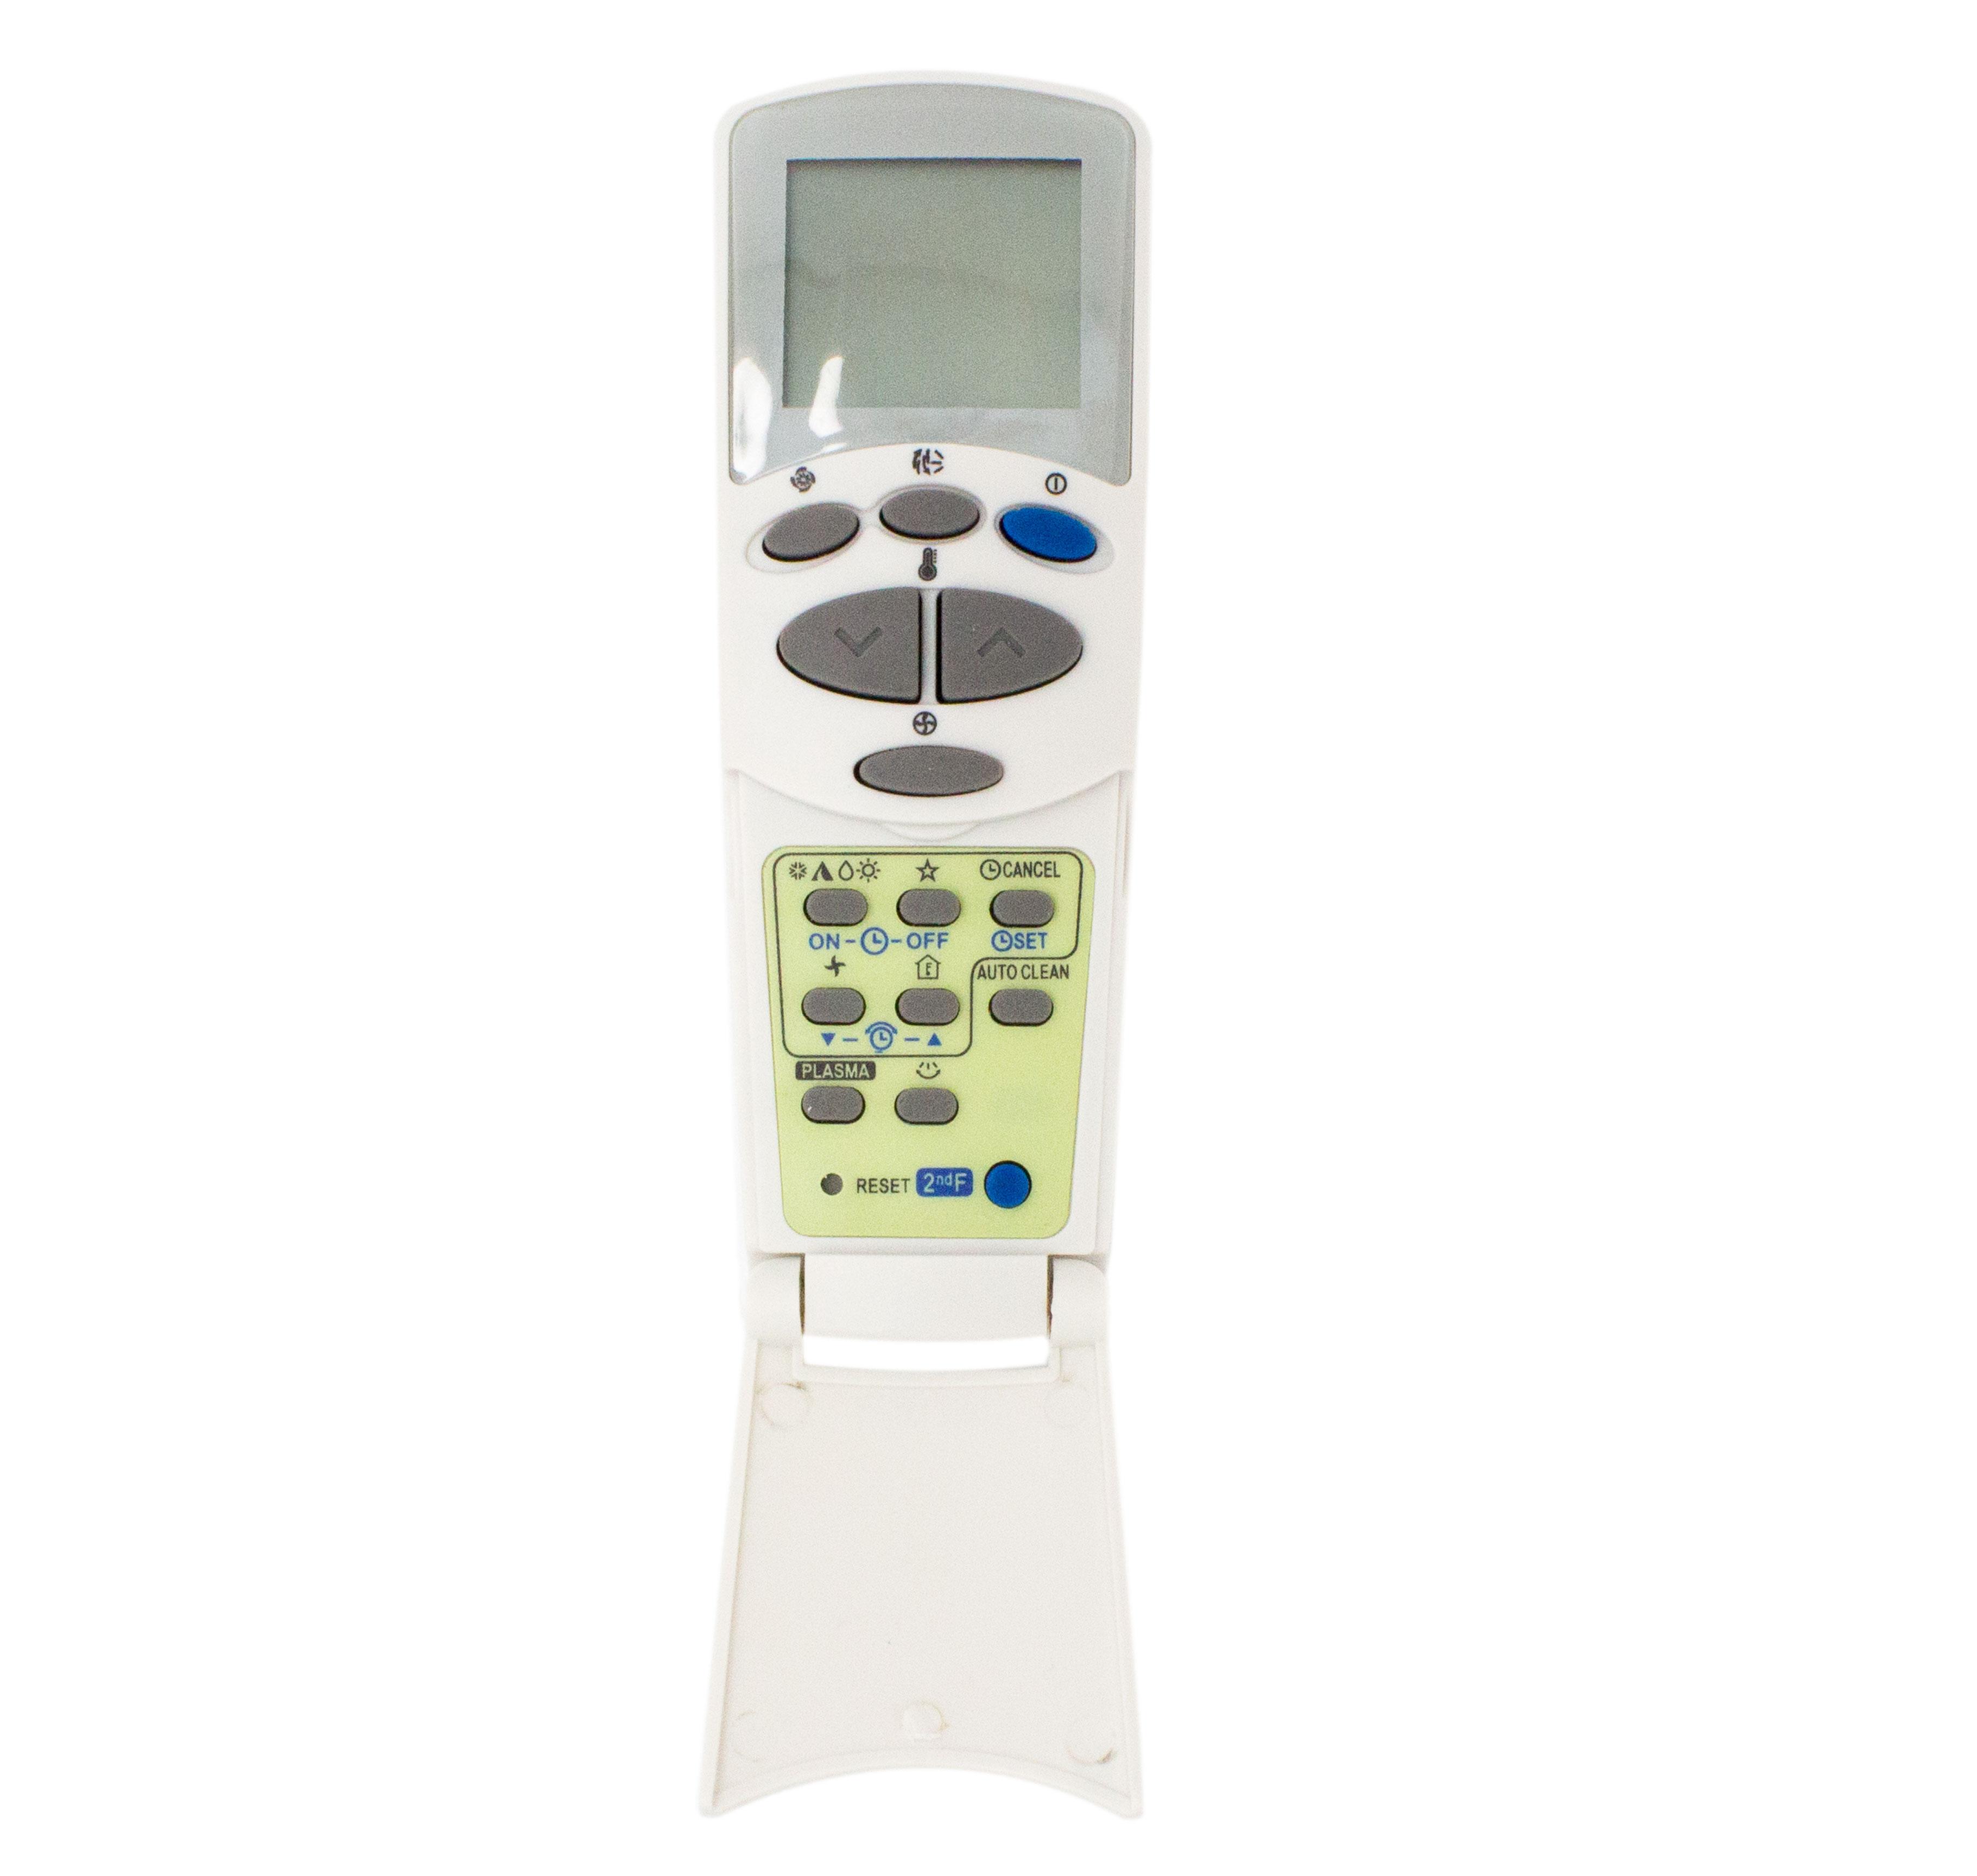 Control remoto para aire acondicionado marca lg fussion - Humidificador para aire acondicionado ...